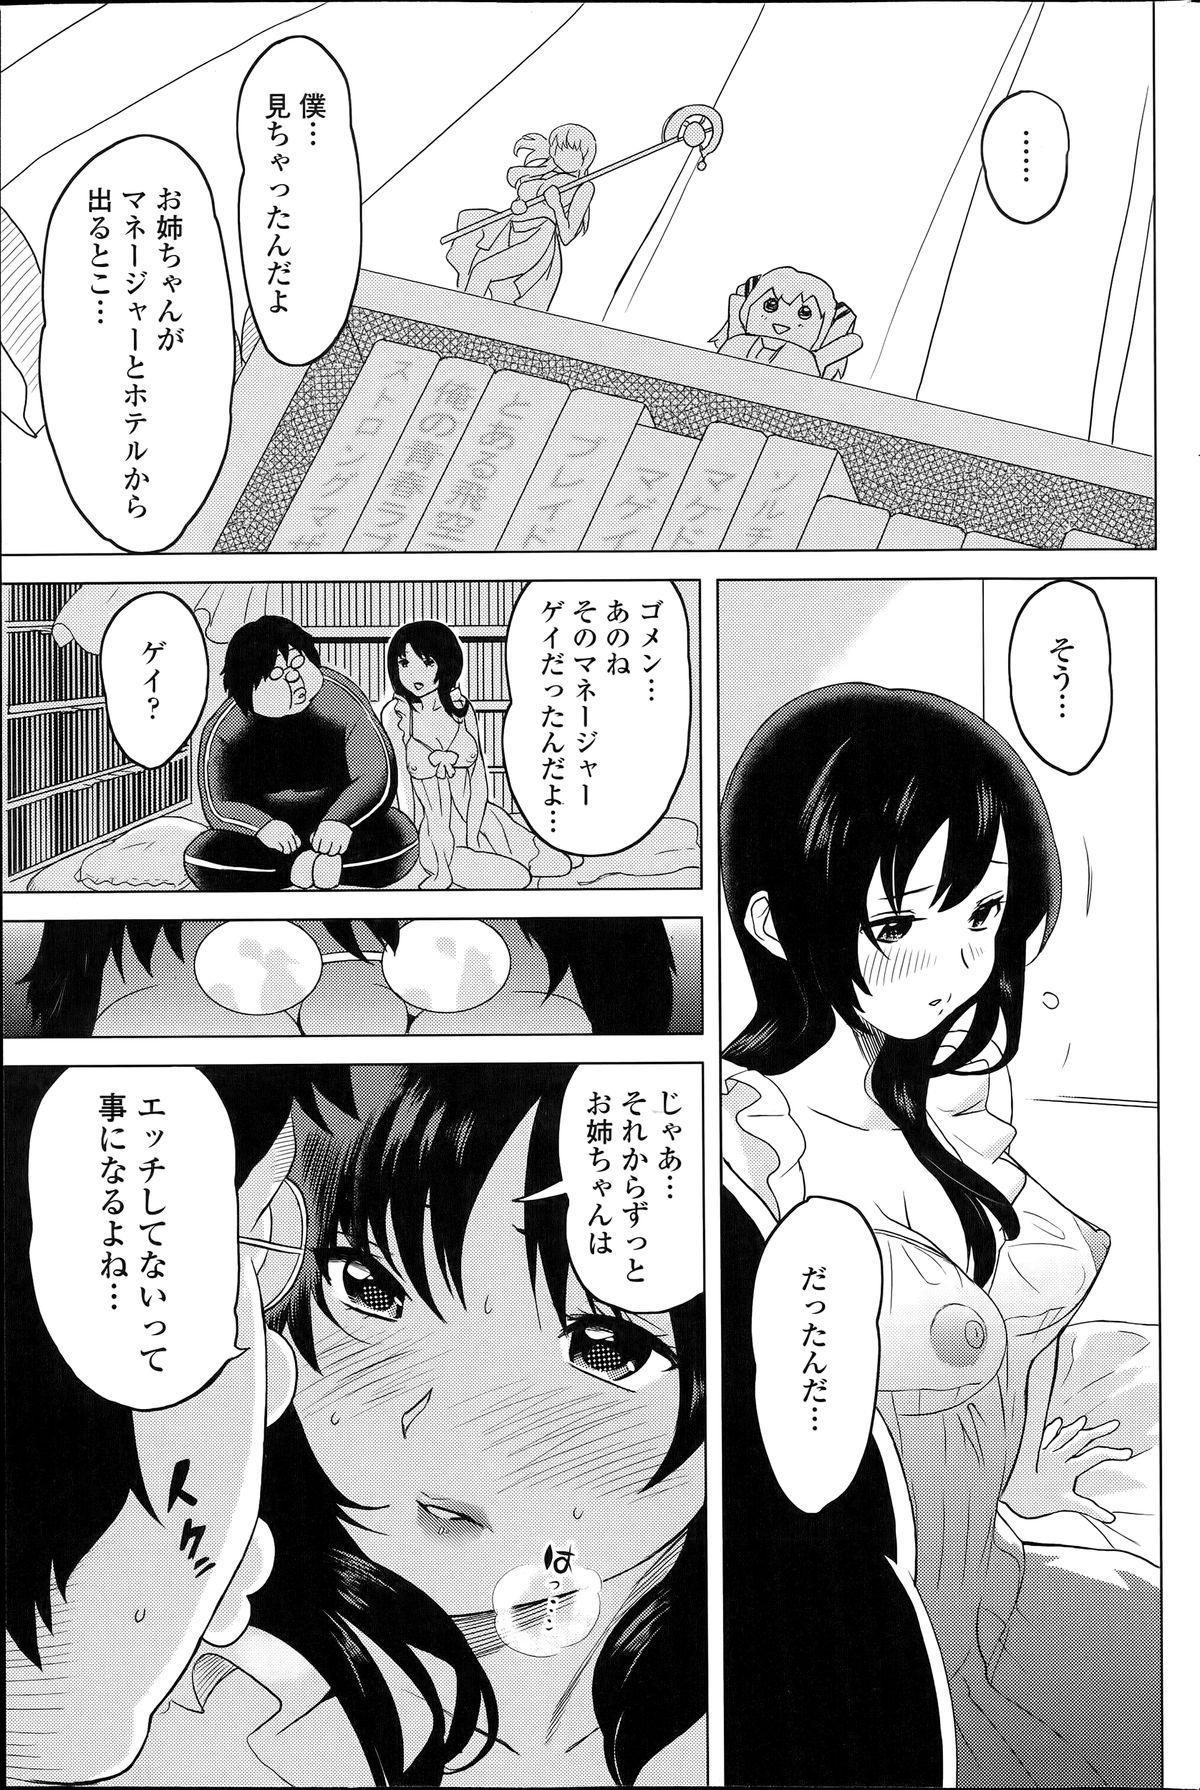 [Mitsuya] Nee-chan to H Shitai no? | Zoku Nee-chan to H Shitai no? Ch.1-4 64